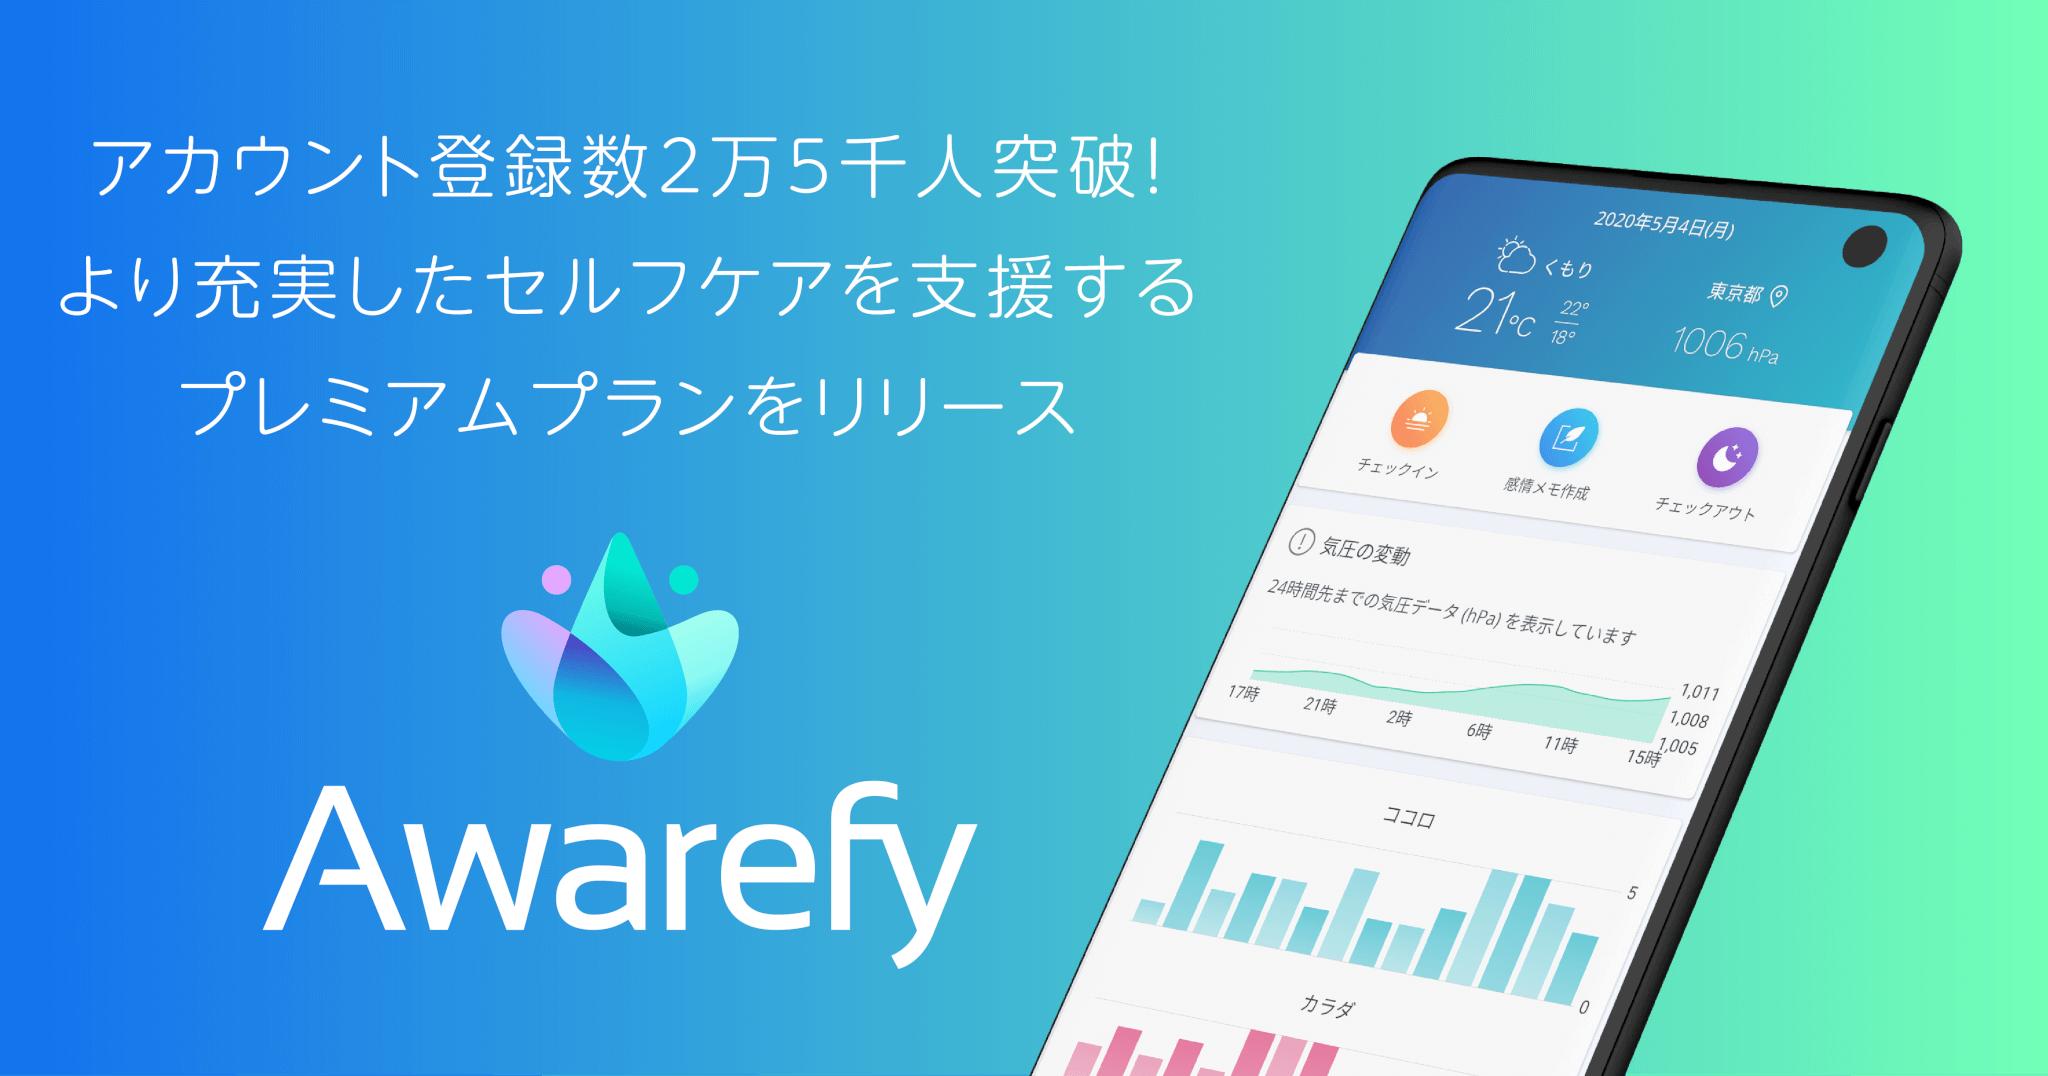 自分の感情を見える化する心のセルフケアアプリ「Awarefy」